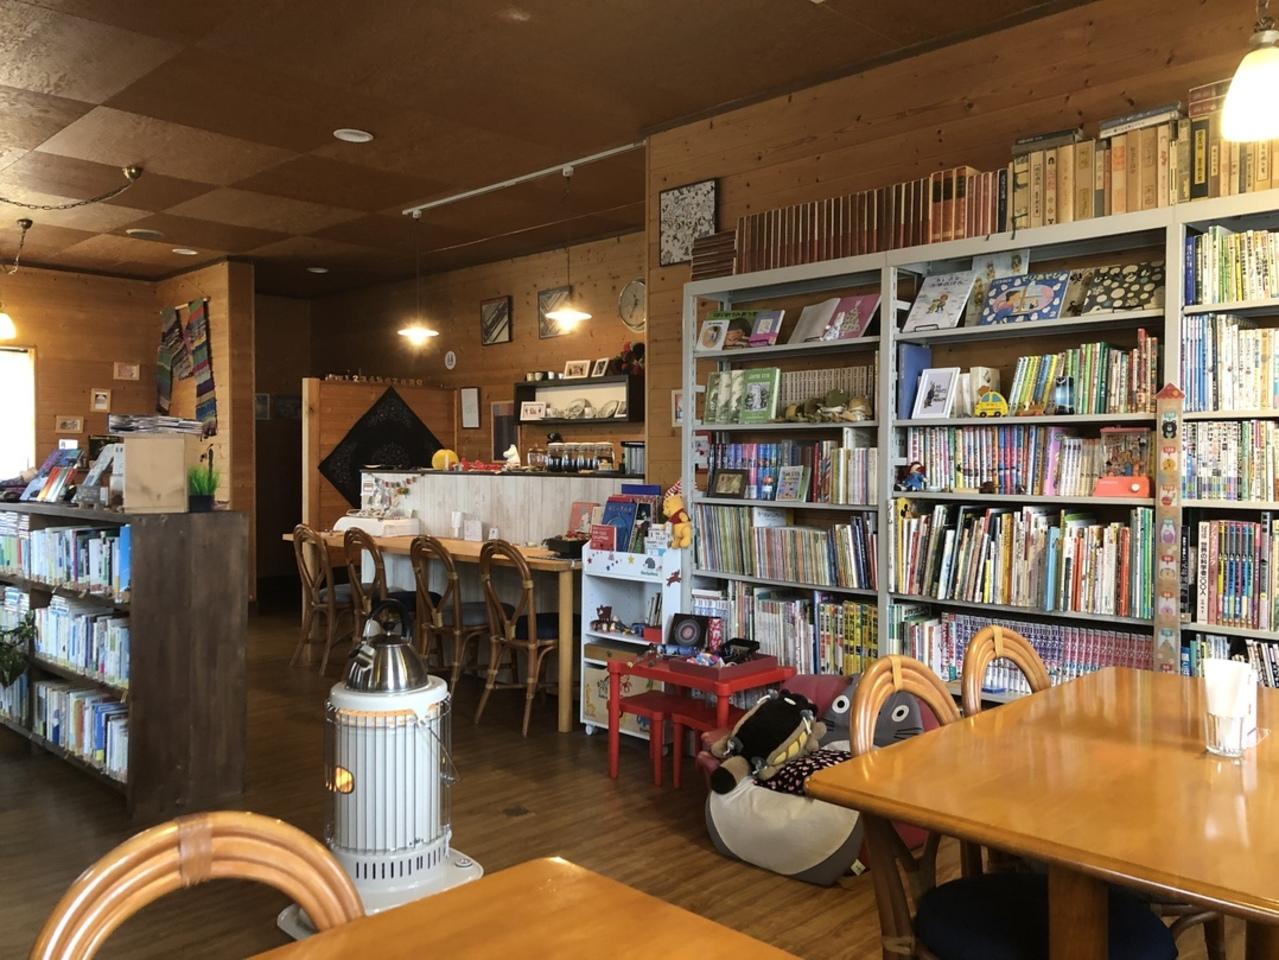 つつじヶ丘のカフェどんぐりさんの雰囲気。。